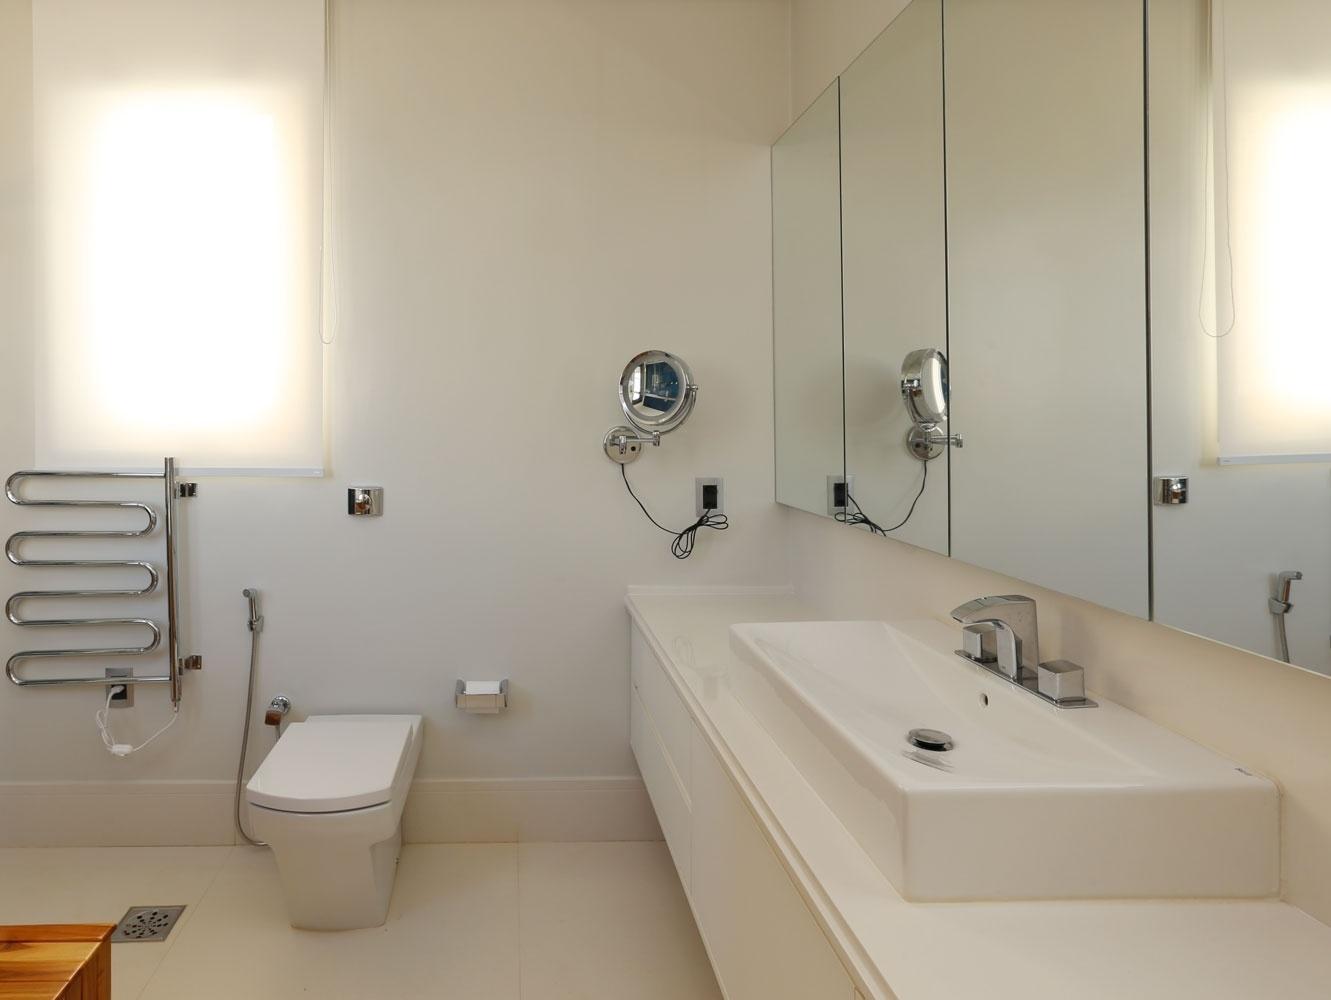 utilizada no entanto é de duplo fluxo (Deca). A torneira para  #A46D27 1331x1000 Azulejo Para Banheiro Decorado